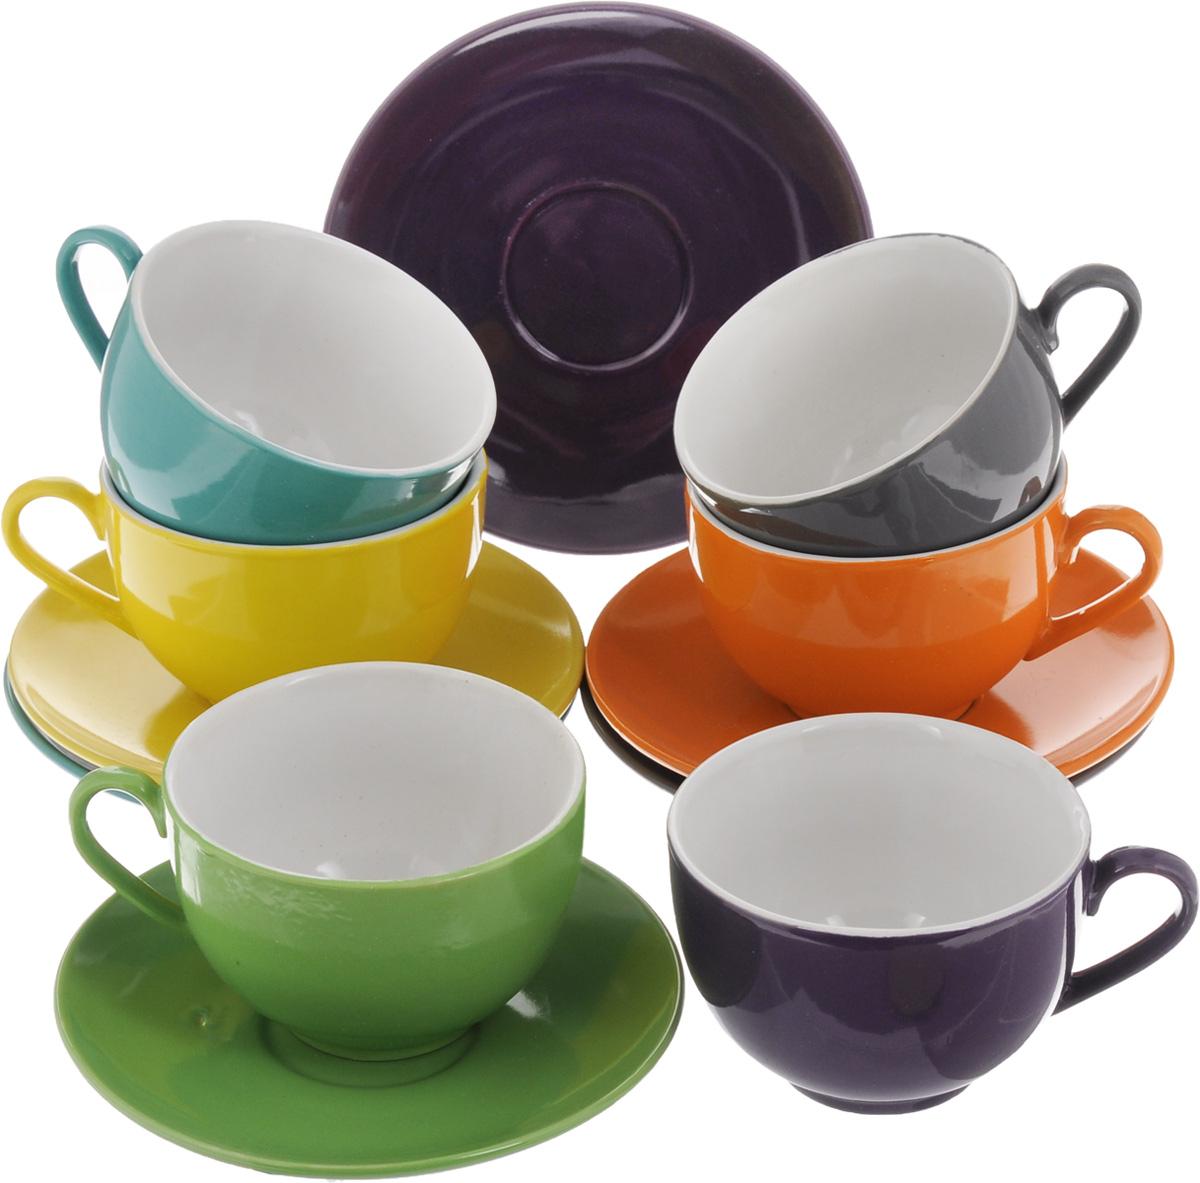 Набор чайный Loraine, 12 предметов. 2448924489Чайный набор Loraine состоит из шести чашек и шести блюдец. Изделия выполнены из высококачественной керамики. Такой набор изящно дополнит сервировку стола к чаепитию. Благодаря оригинальному дизайну и качеству исполнения, он станет замечательным подарком для ваших друзей и близких. Объем чашки: 250 мл. Диаметр чашки по верхнему краю: 9 см. Высота чашки: 6,5 см. Диаметр блюдца: 15 см. Высота блюдца: 2 см.